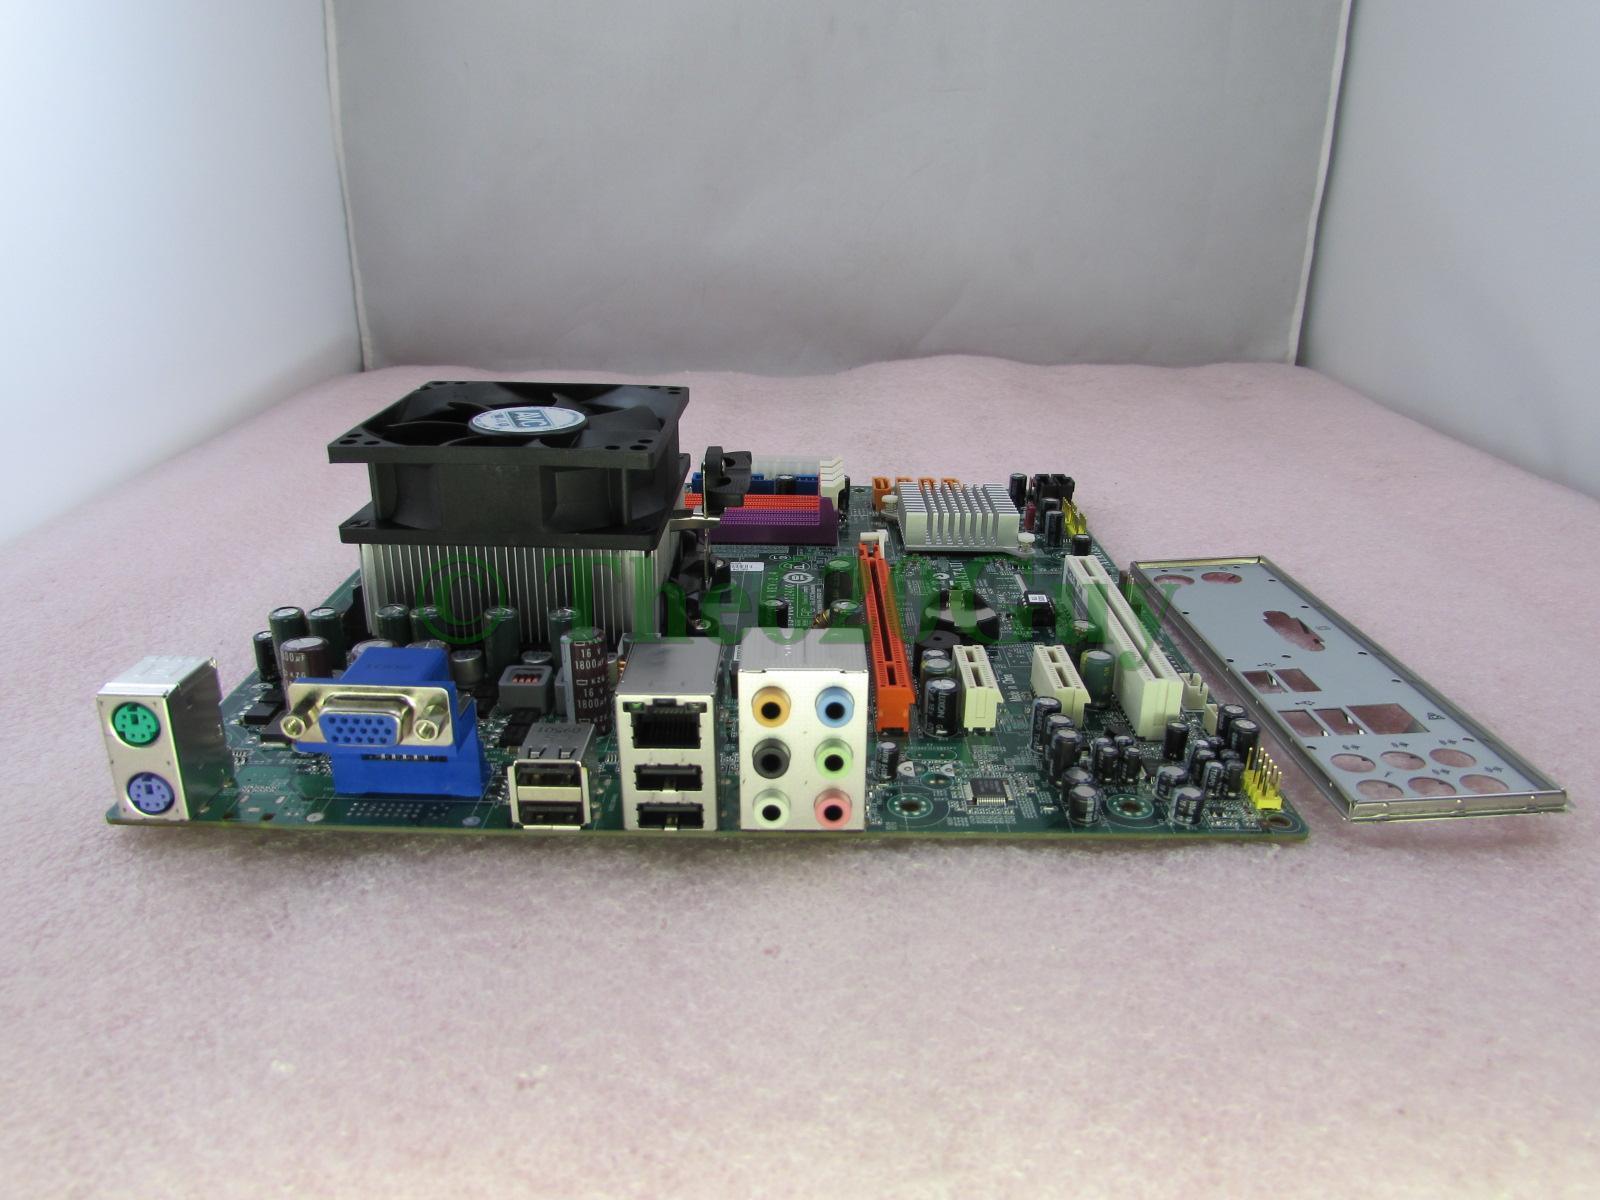 mcp61pm gm rev 2.4 manual